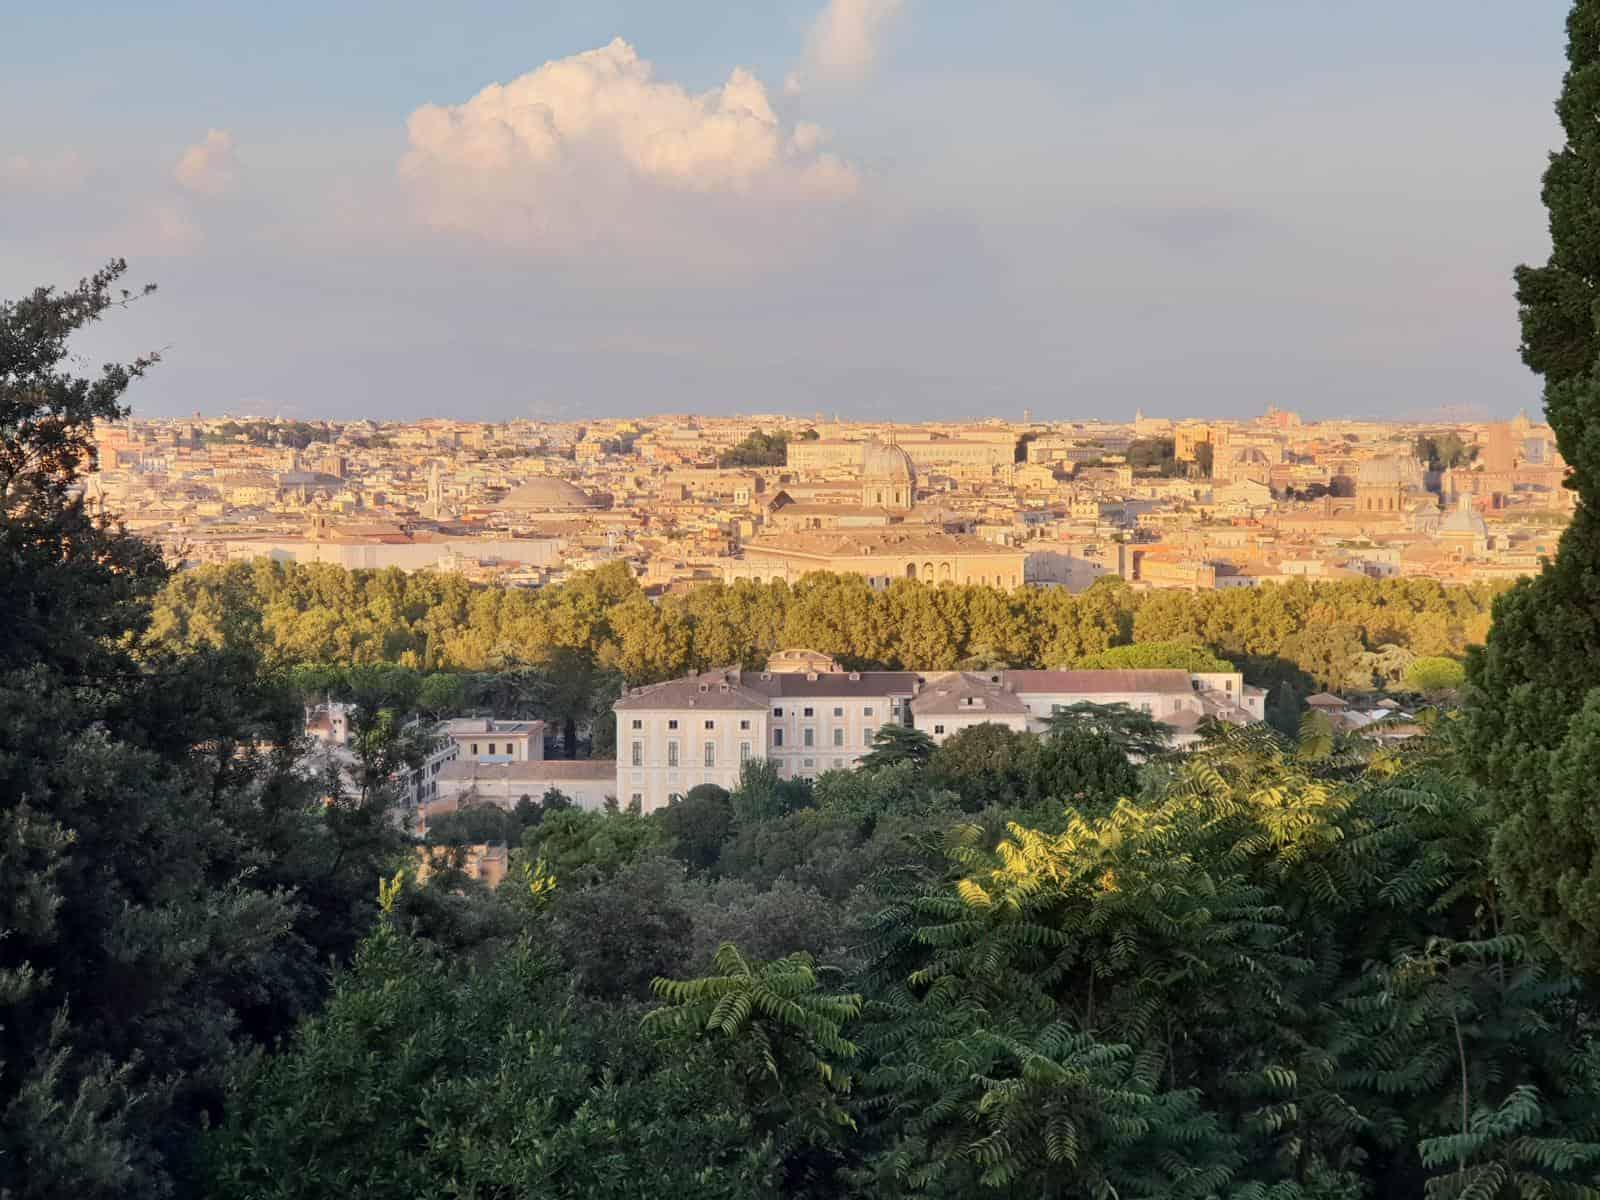 weinblog-italien-blick-auf-rom-und-Petersdom-beim-Sonnenuntergang